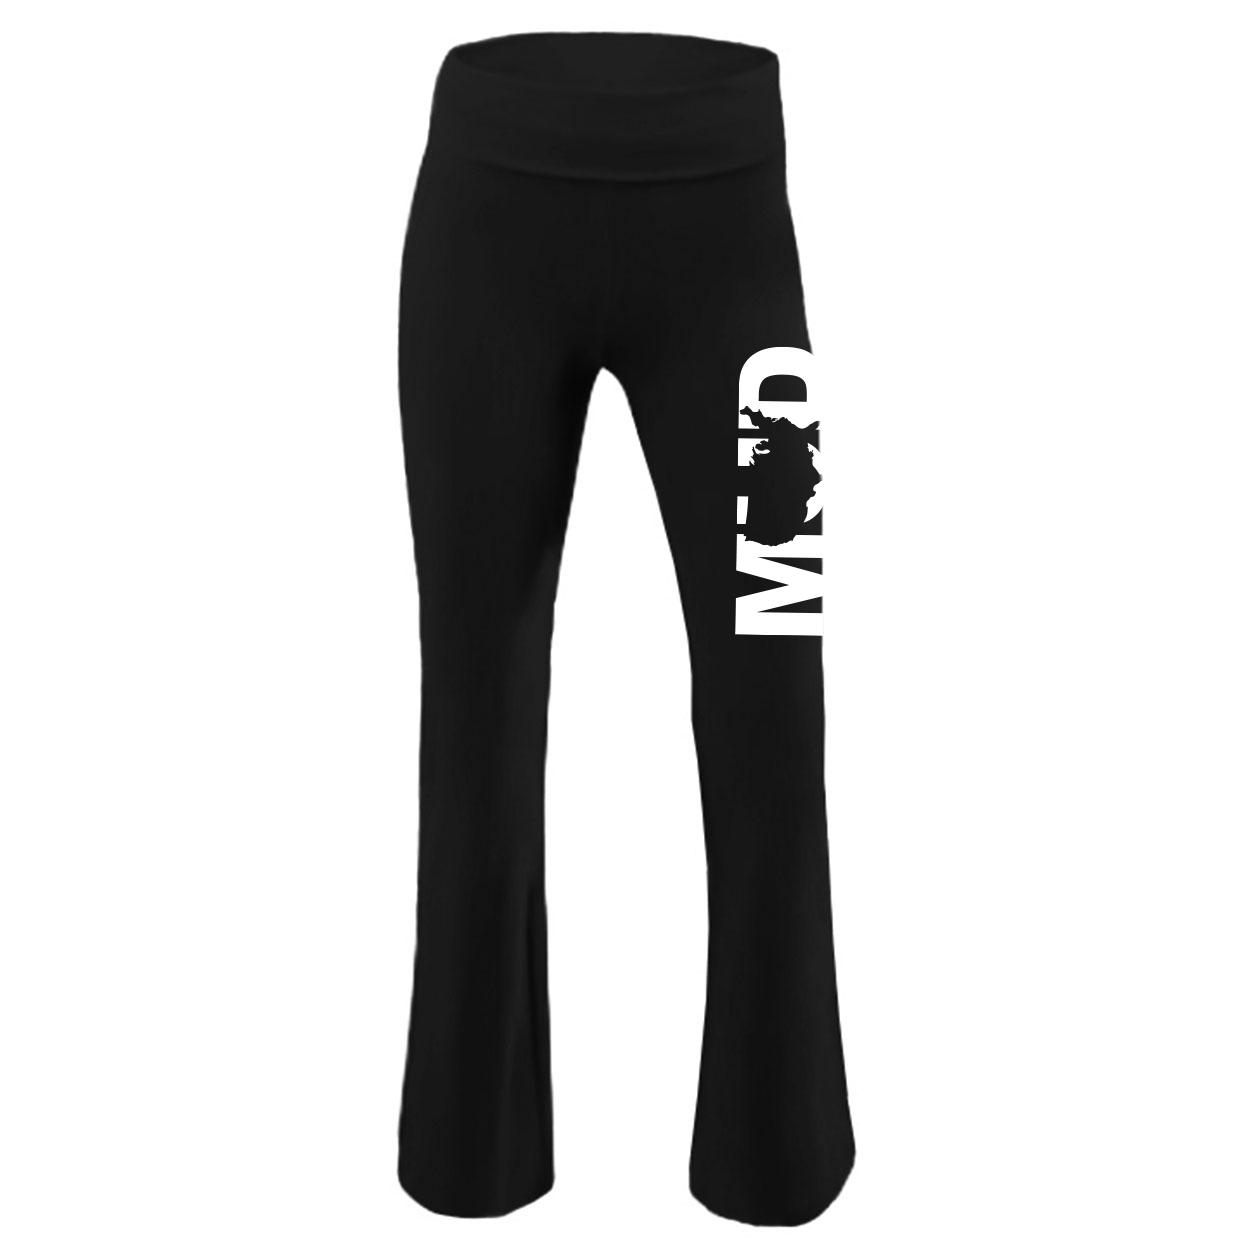 Mud United States Classic Youth Girls Yoga Pants Black (White Logo)